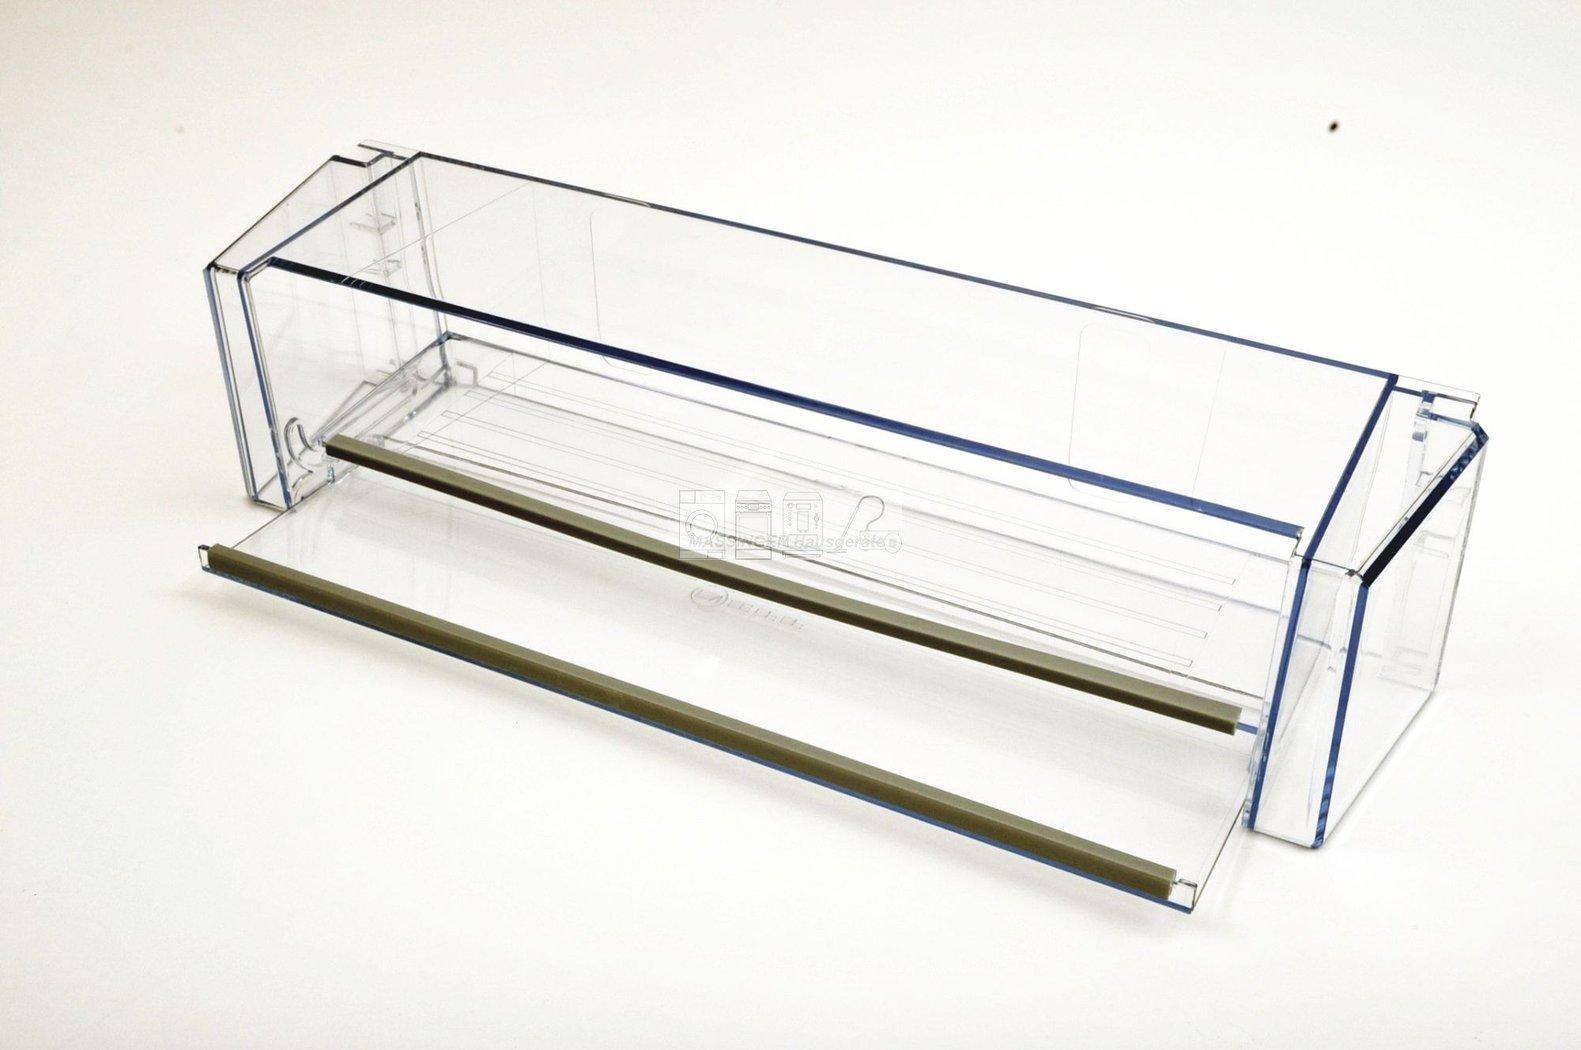 Siemens Kühlschrank Ersatzteile Glasplatte : Siemens kühlschrank ersatzteile glasplatte kÜhlschrank